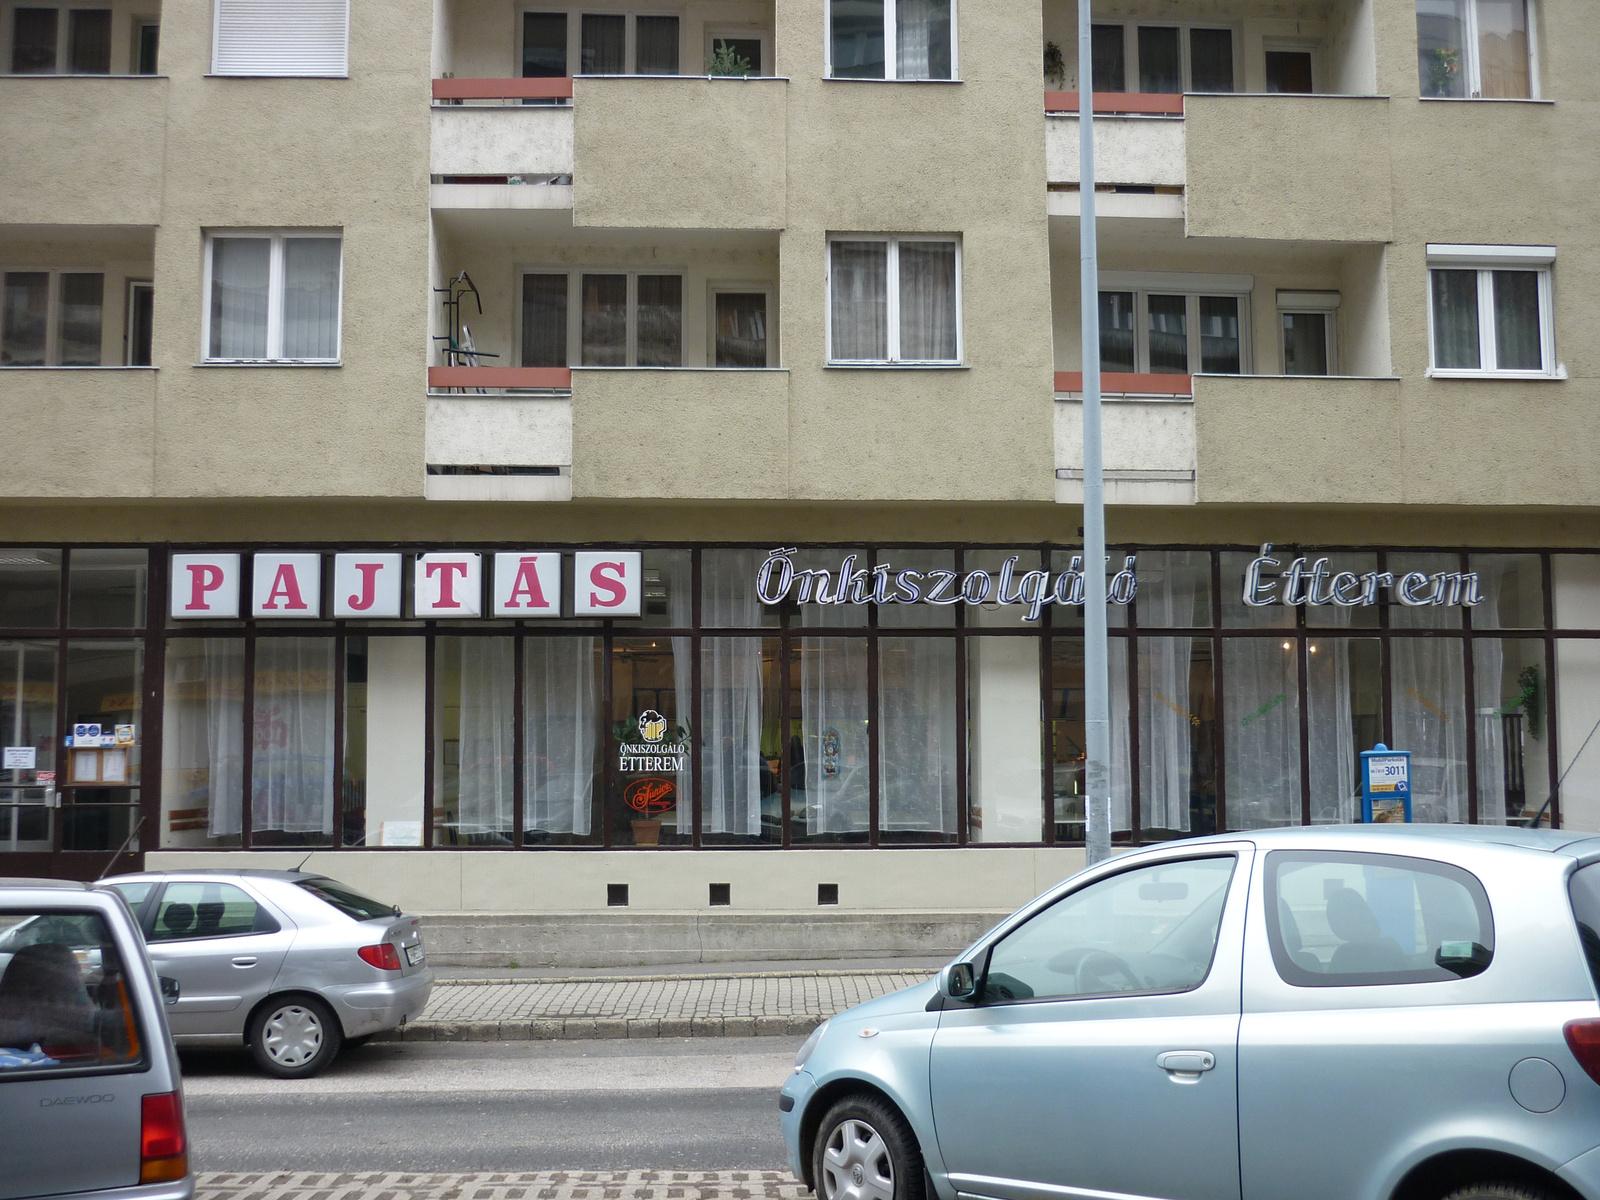 PajtasEtterem2010-01